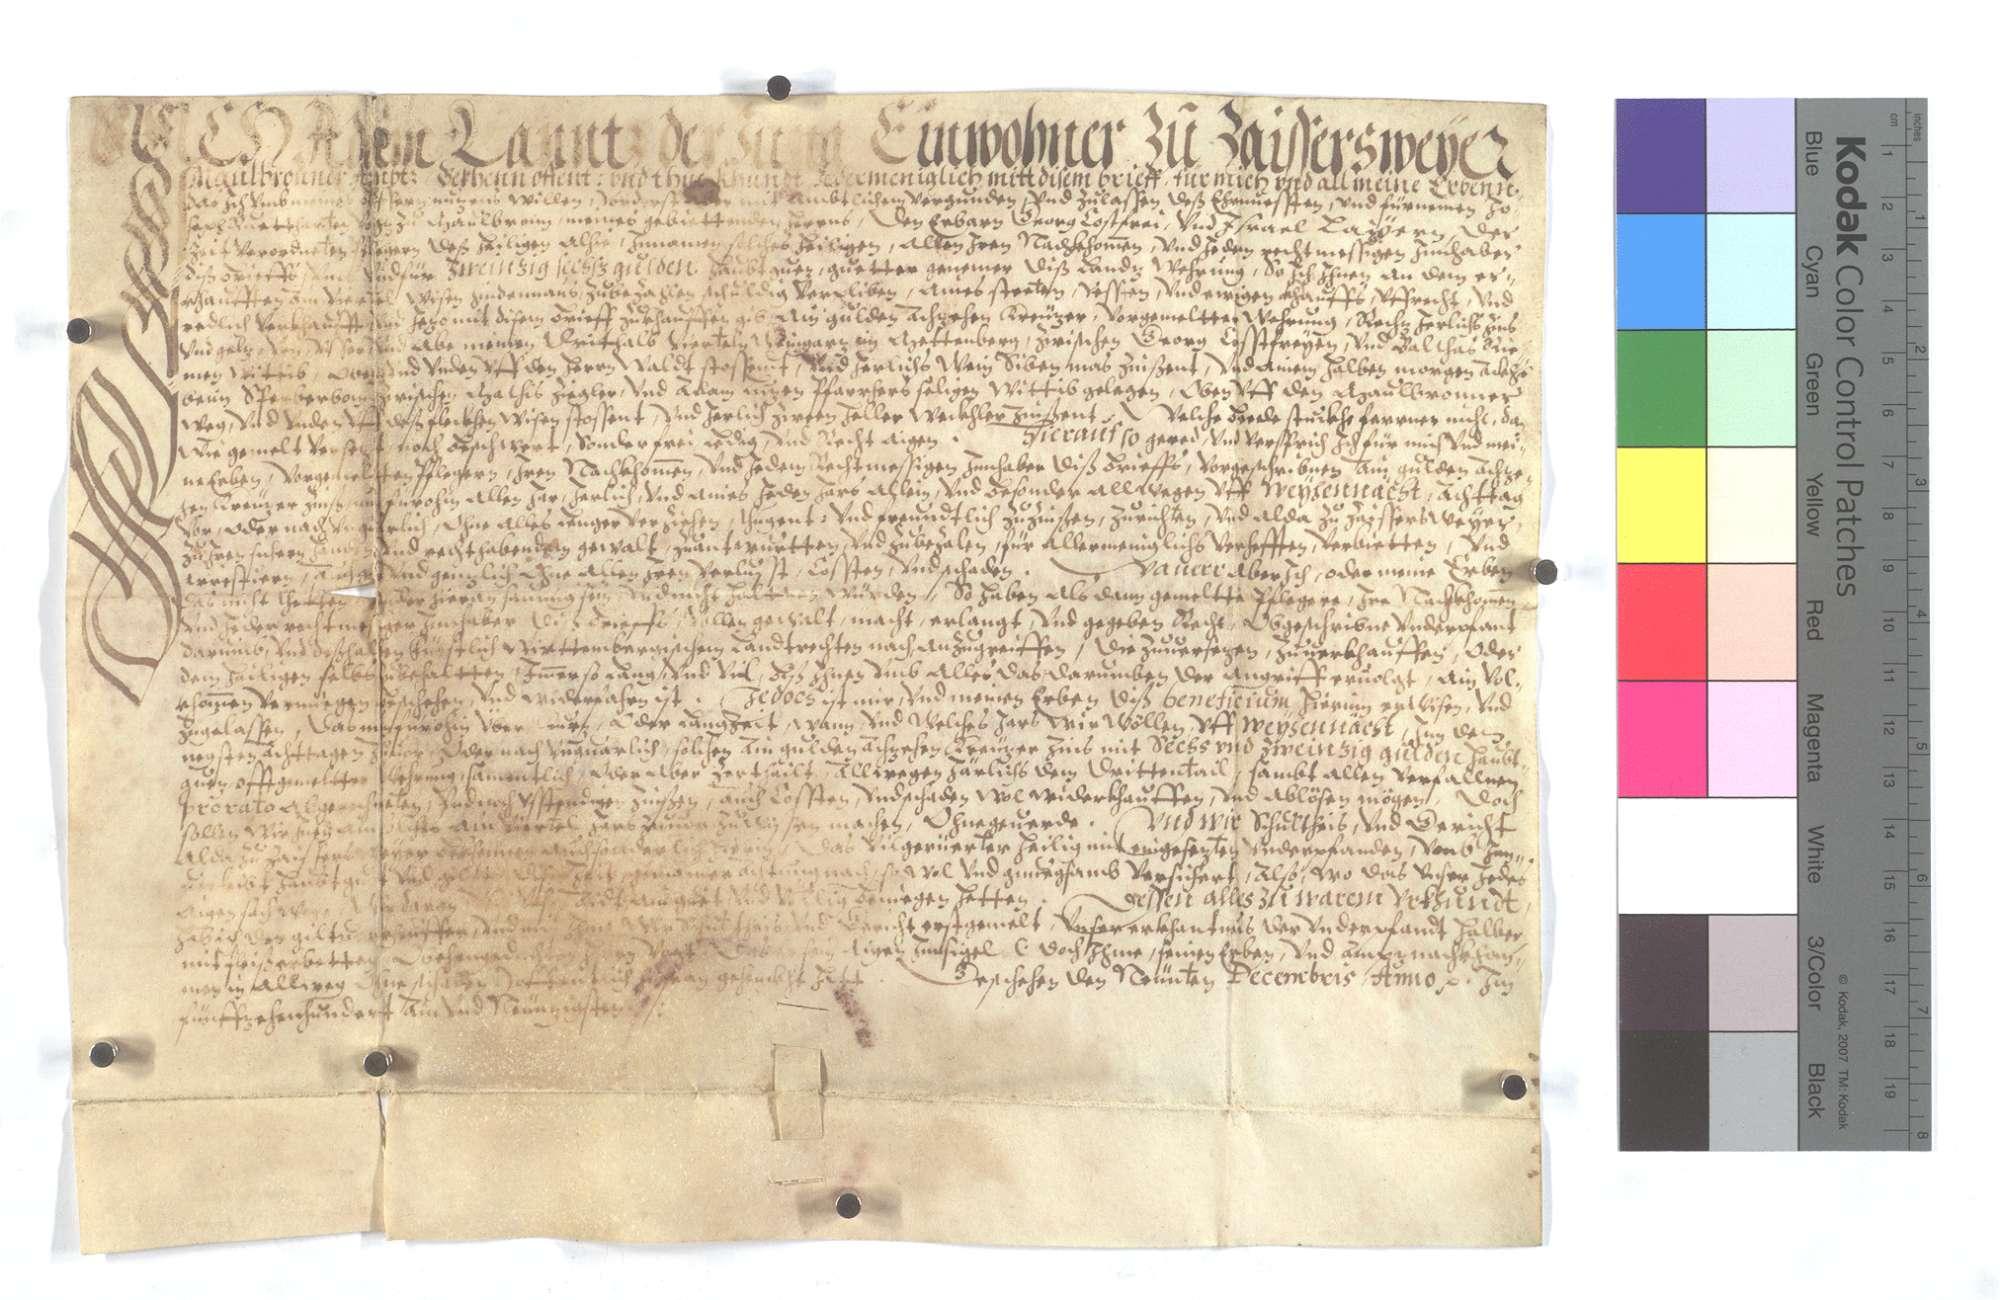 Verschreibung des Adam Lanz um 1 Gulden 18 Kreuzer auf Weihnachten., Text